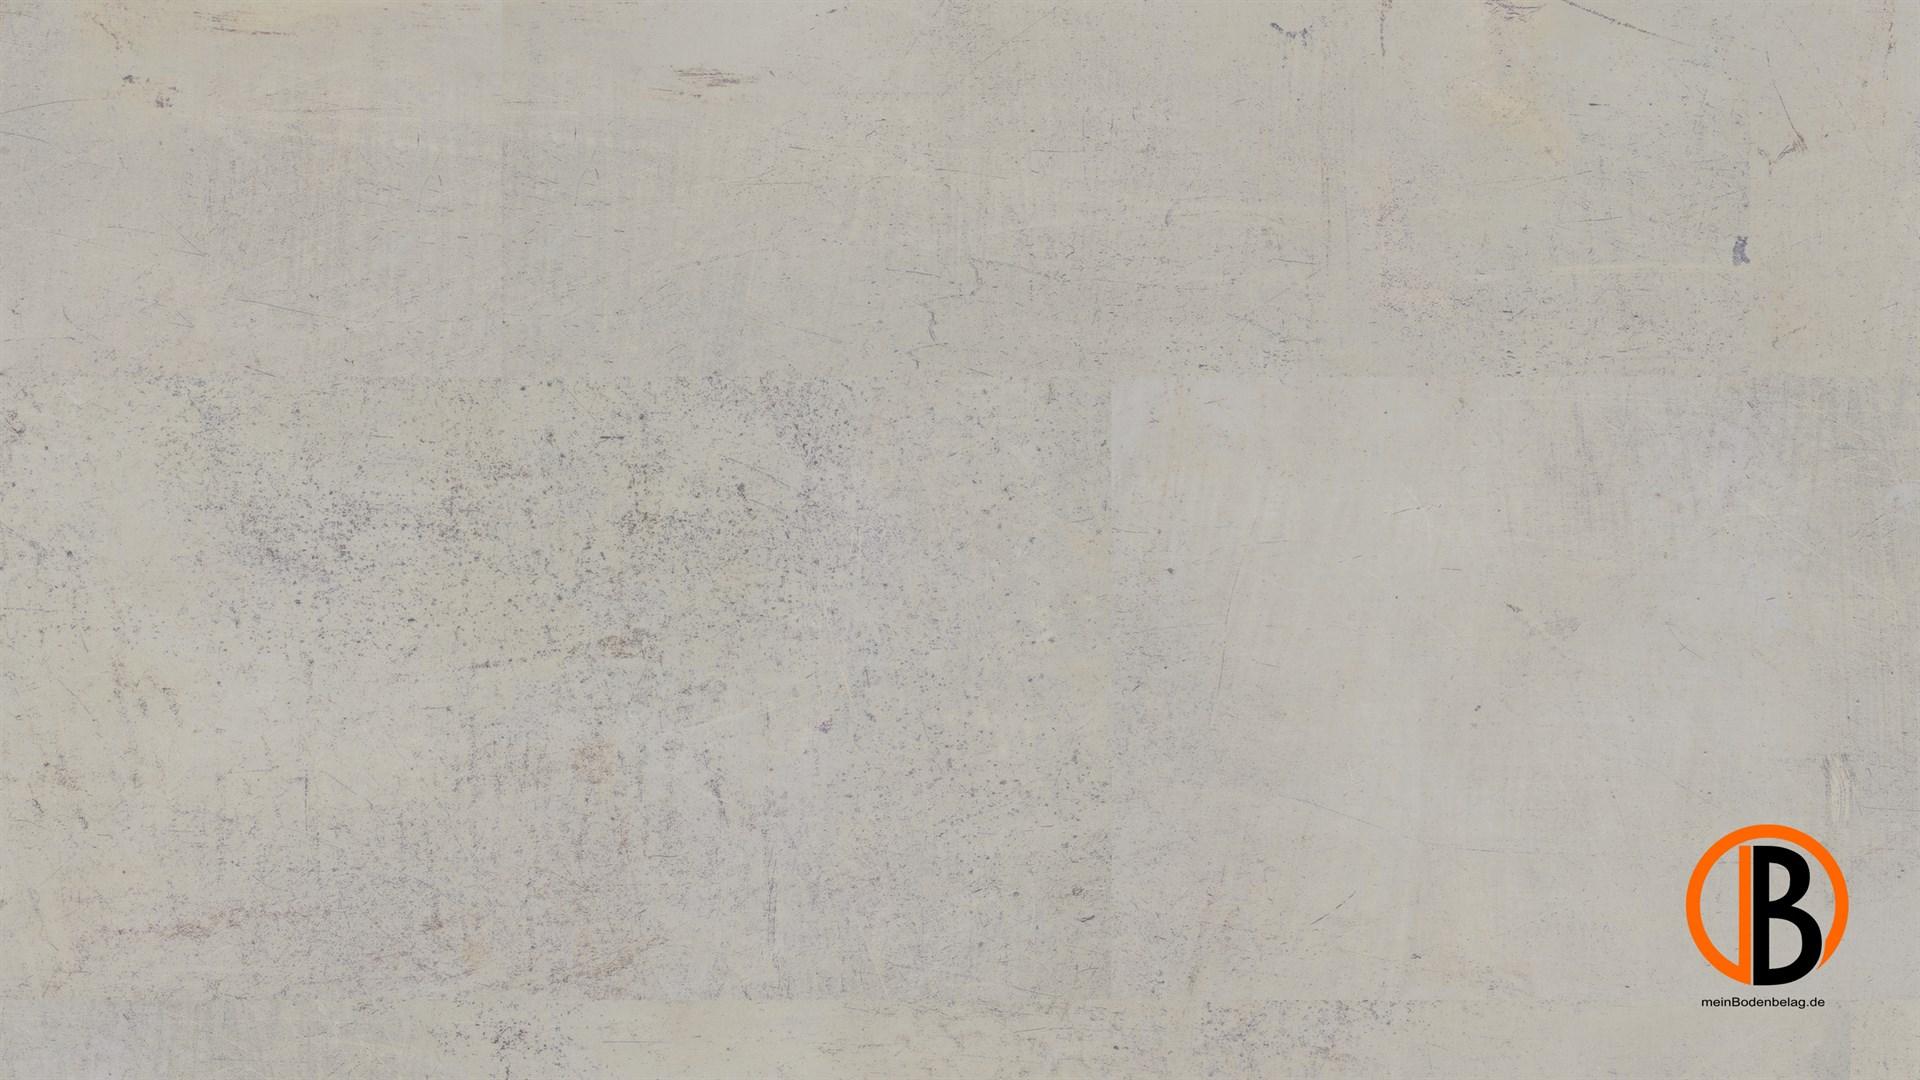 CINQUE GERFLOR VINYL SENSO ADJUST 4/0.3 | 10000629;0 | Bild 1